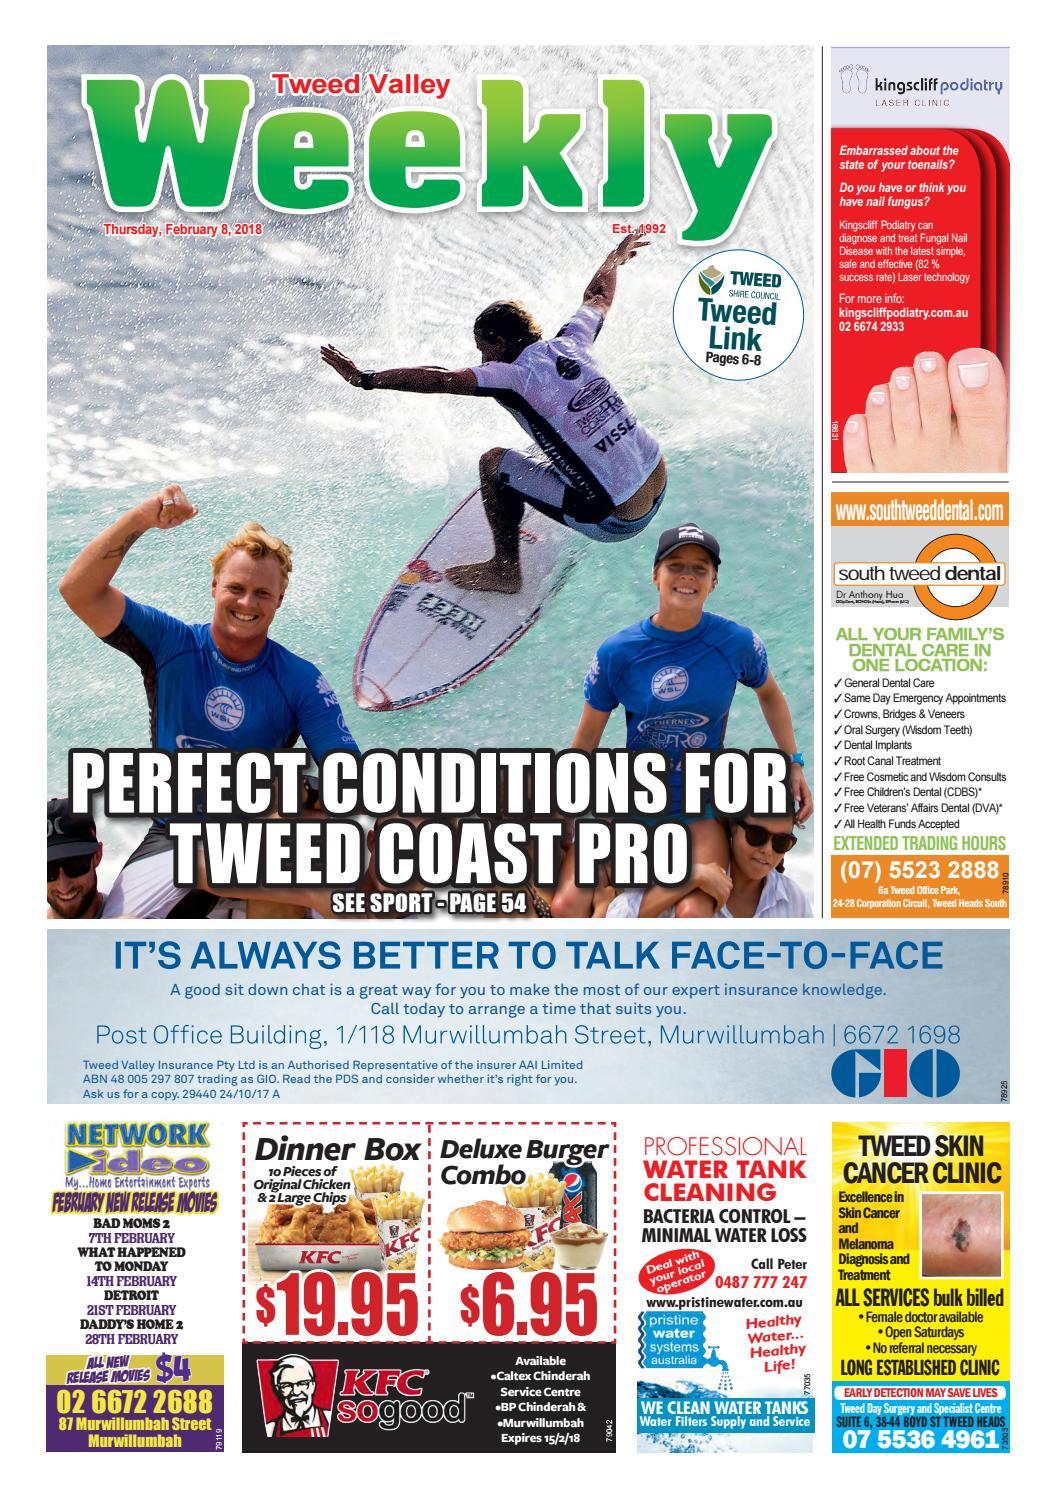 Tweed Valley Weekly, February 8, 2018 by Tweed Valley Weekly - issuu